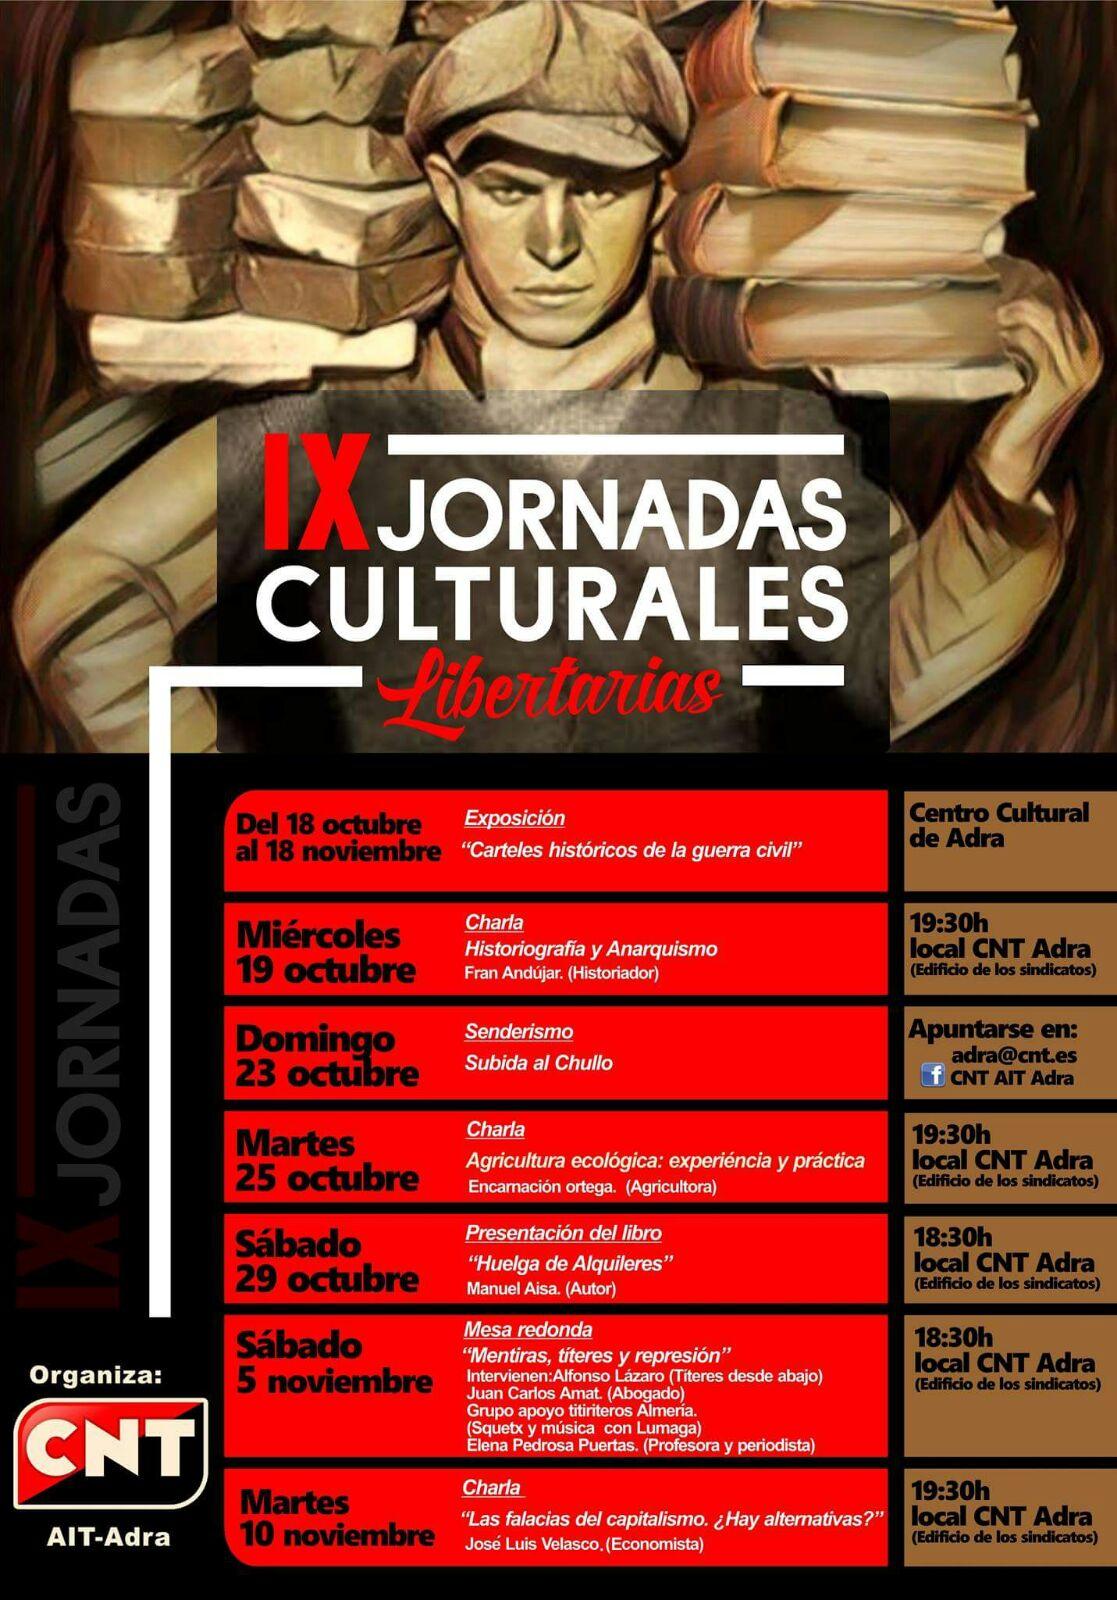 IX Jornadas Libertarias CNT Adra